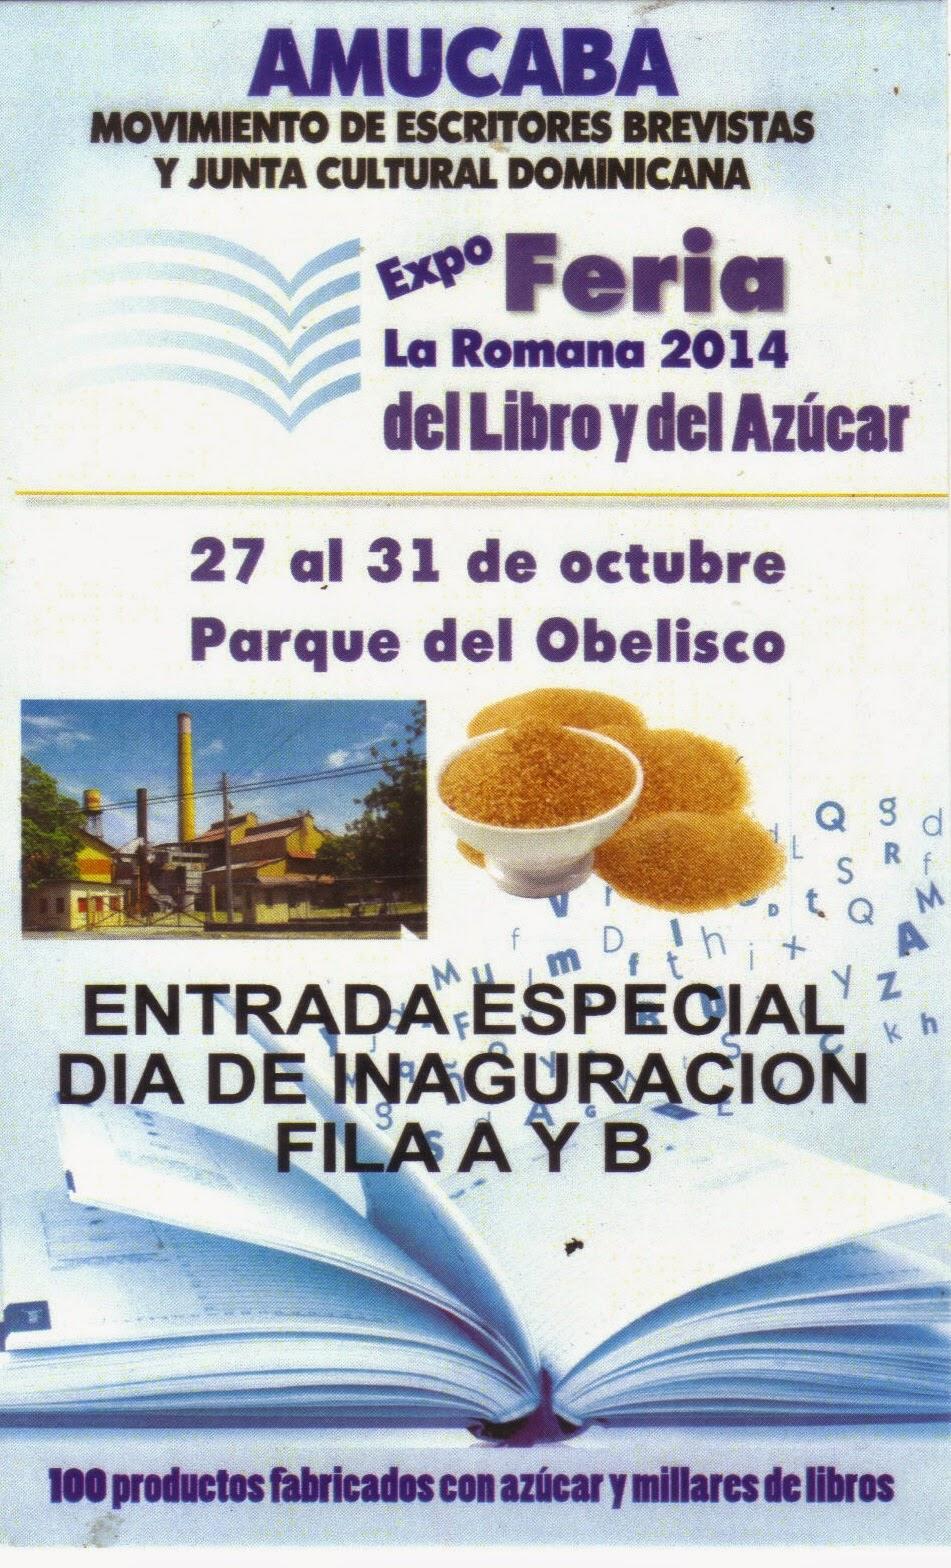 Expo Feria del Libro y del Azúcar